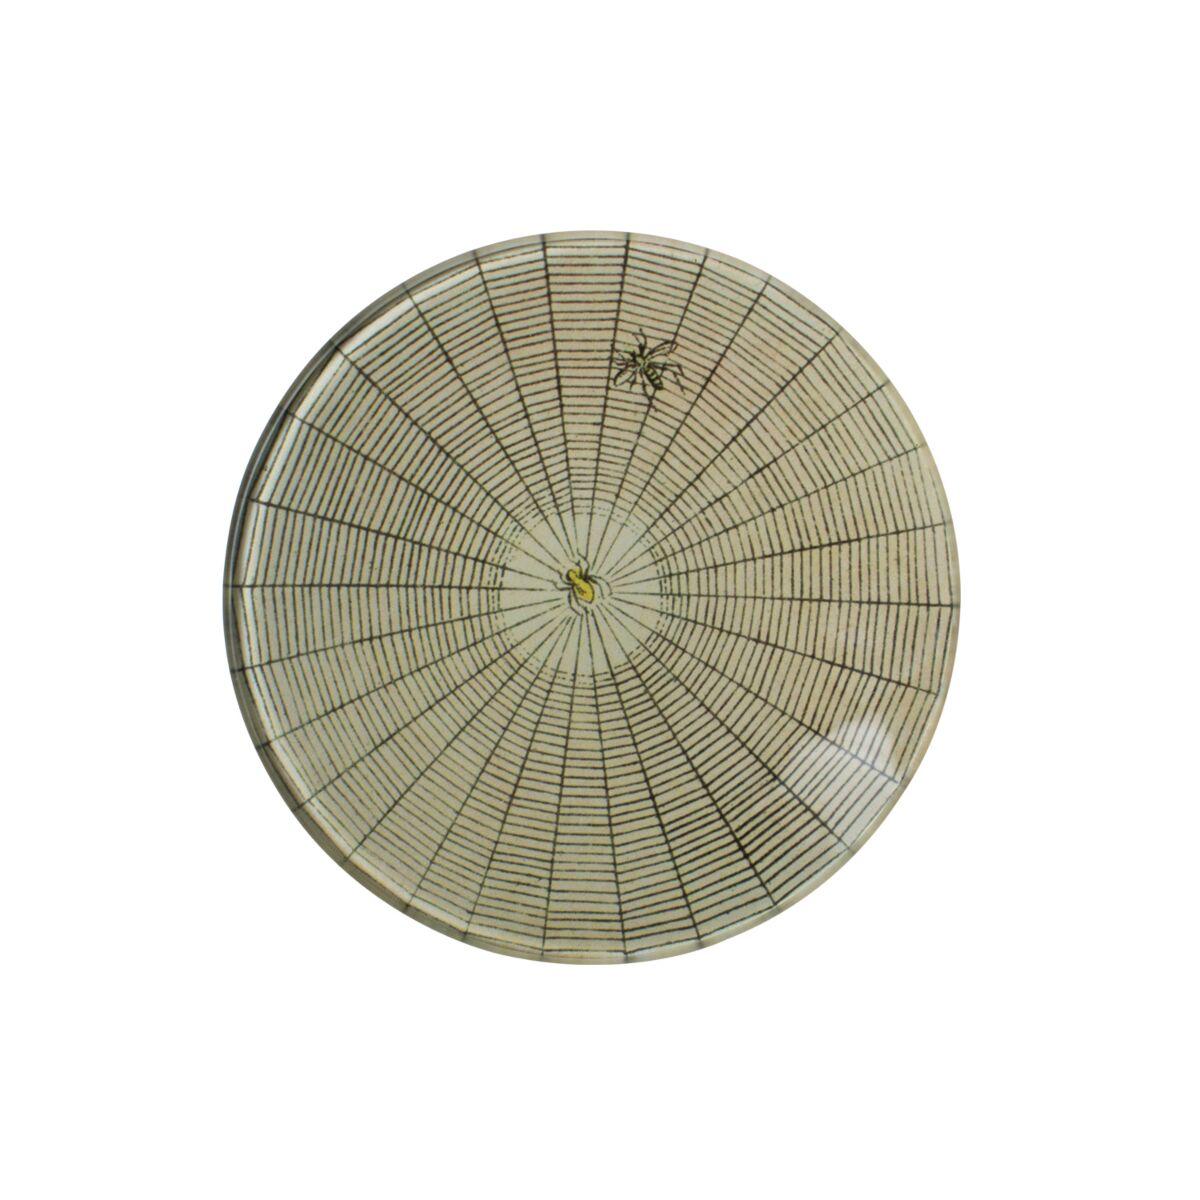 Small Spider Web Dish